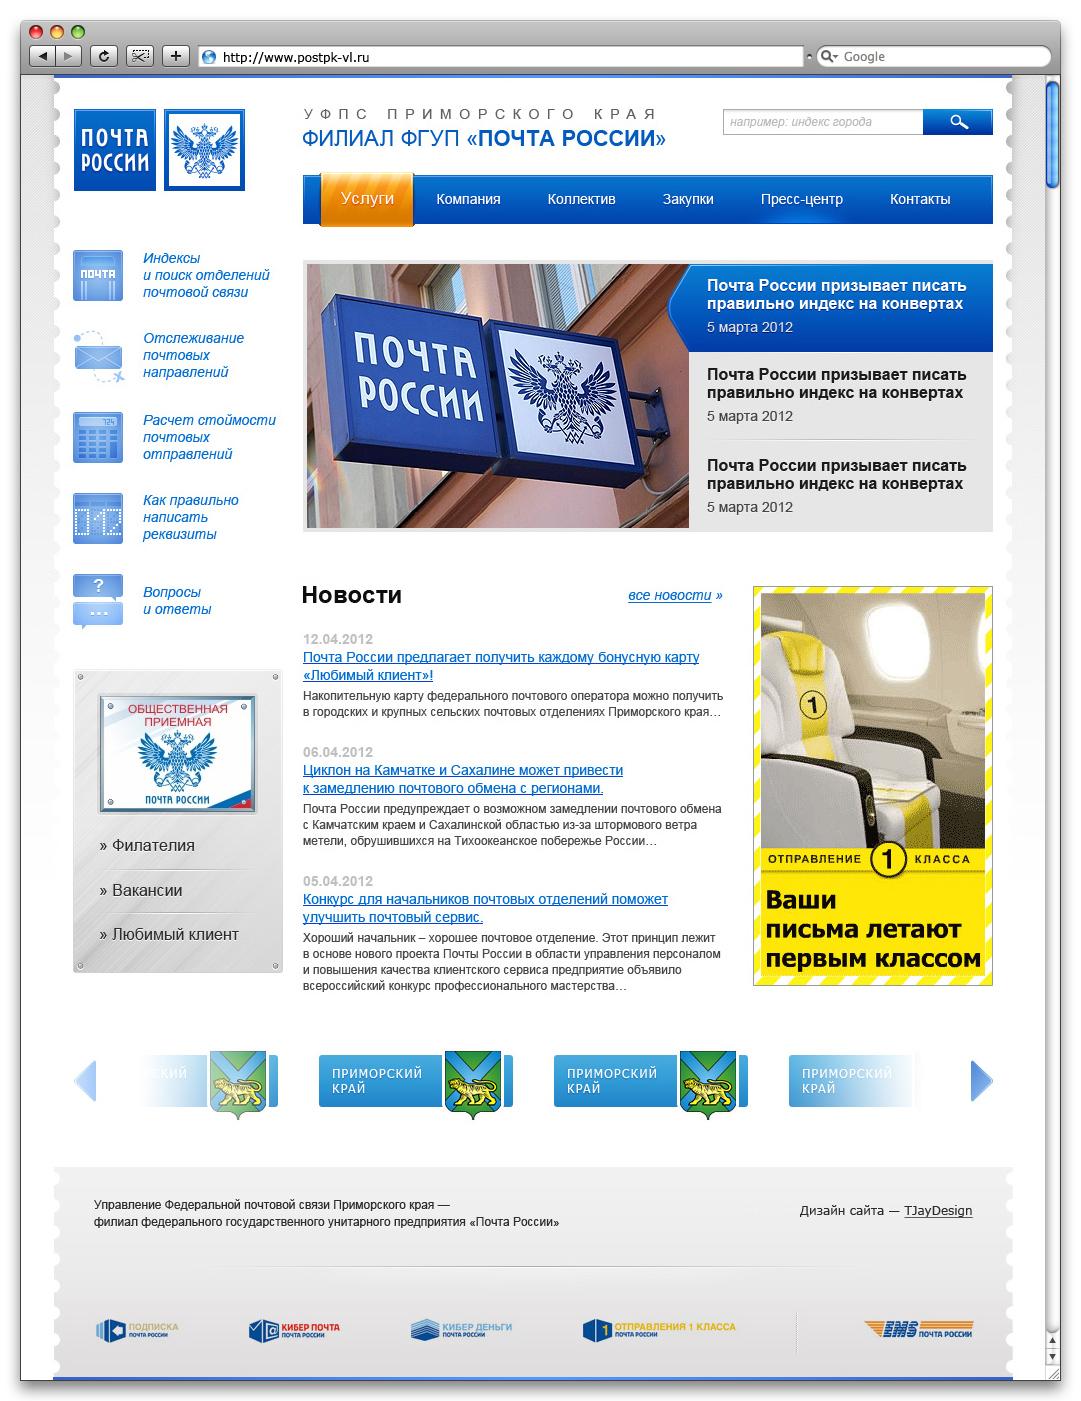 «Почта России» — почтовое отделение Владивостока.